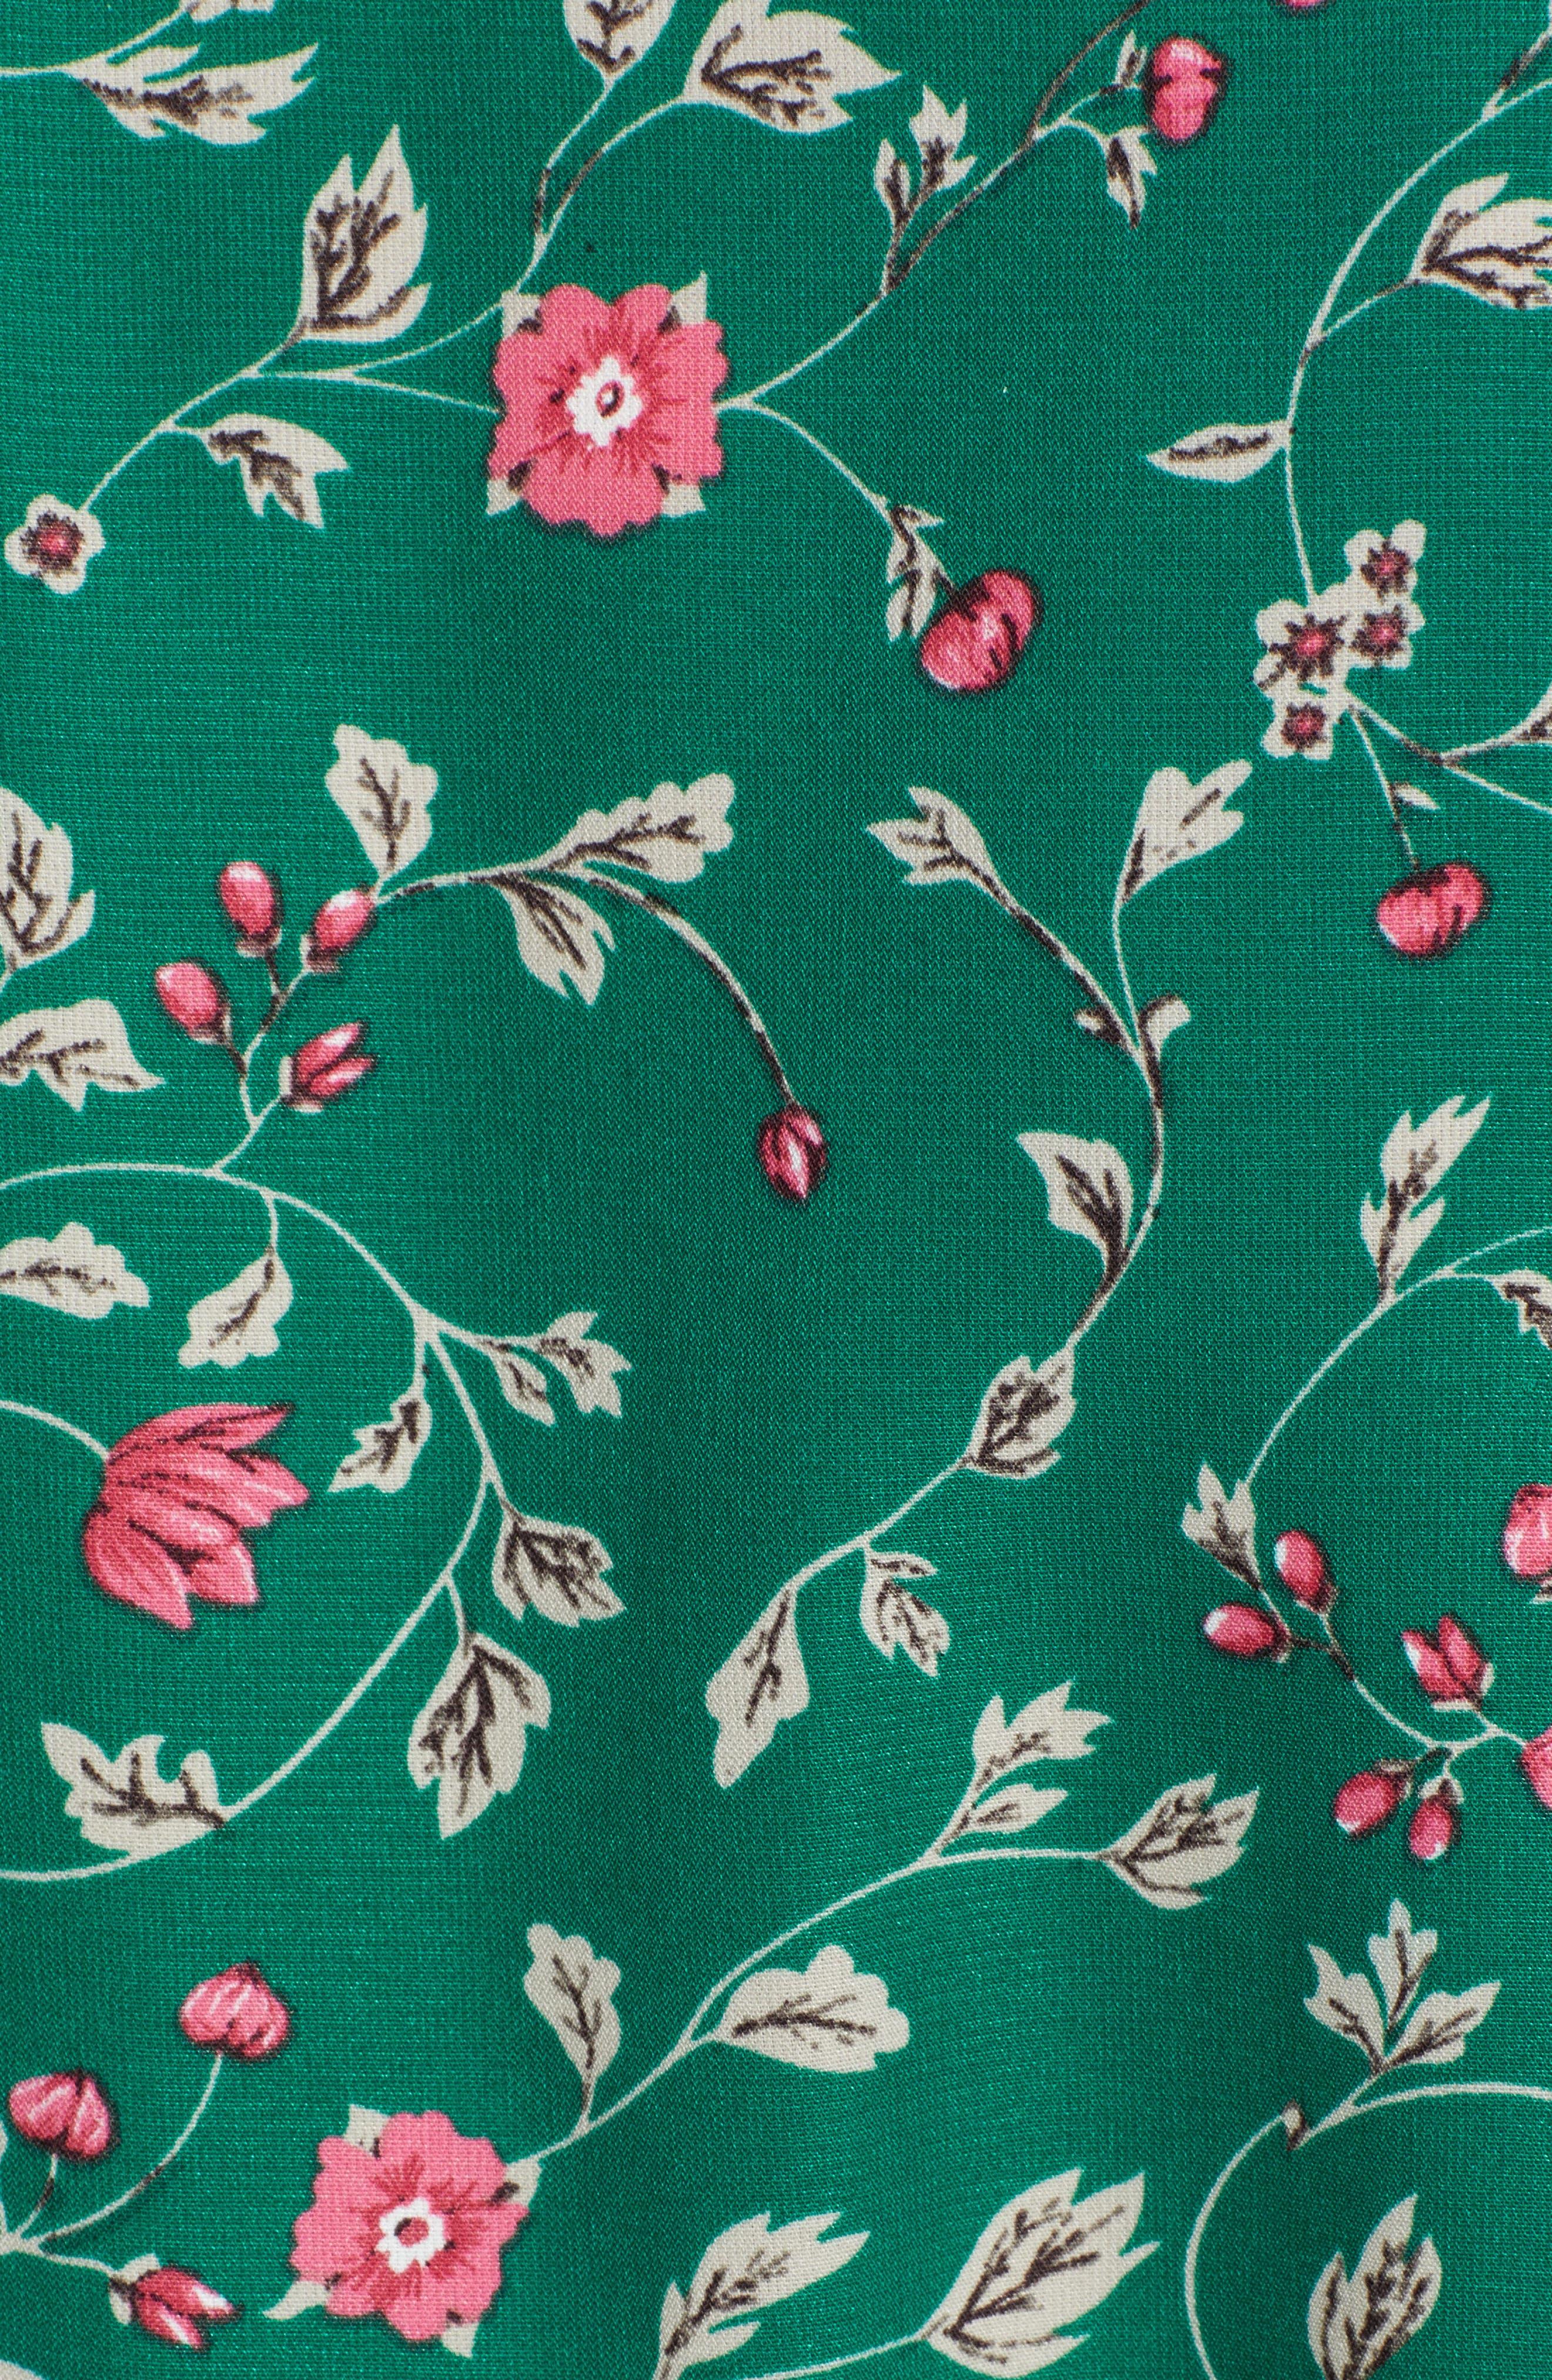 Floral Tie Front Peplum Top,                             Alternate thumbnail 5, color,                             300